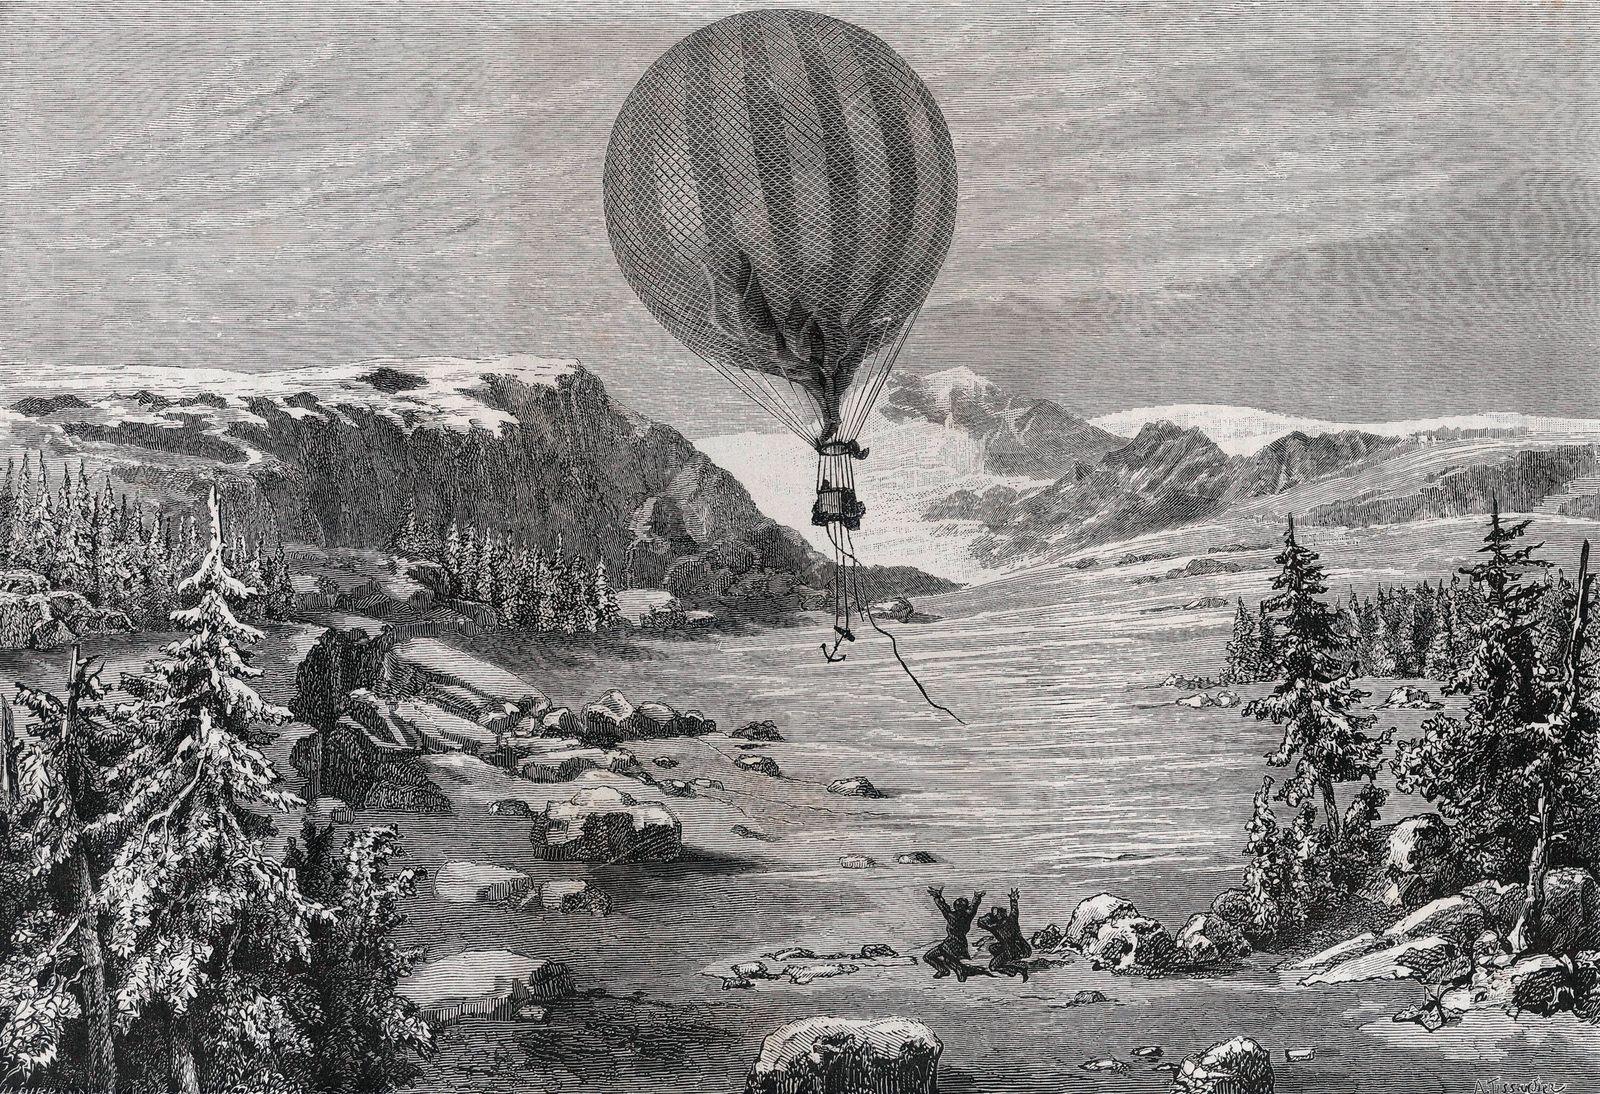 AEROSTATION Descente du ballon La Ville d Orleans au mont Lid en Norvege le 25 novembre 1875. Illustration de Albert TIS